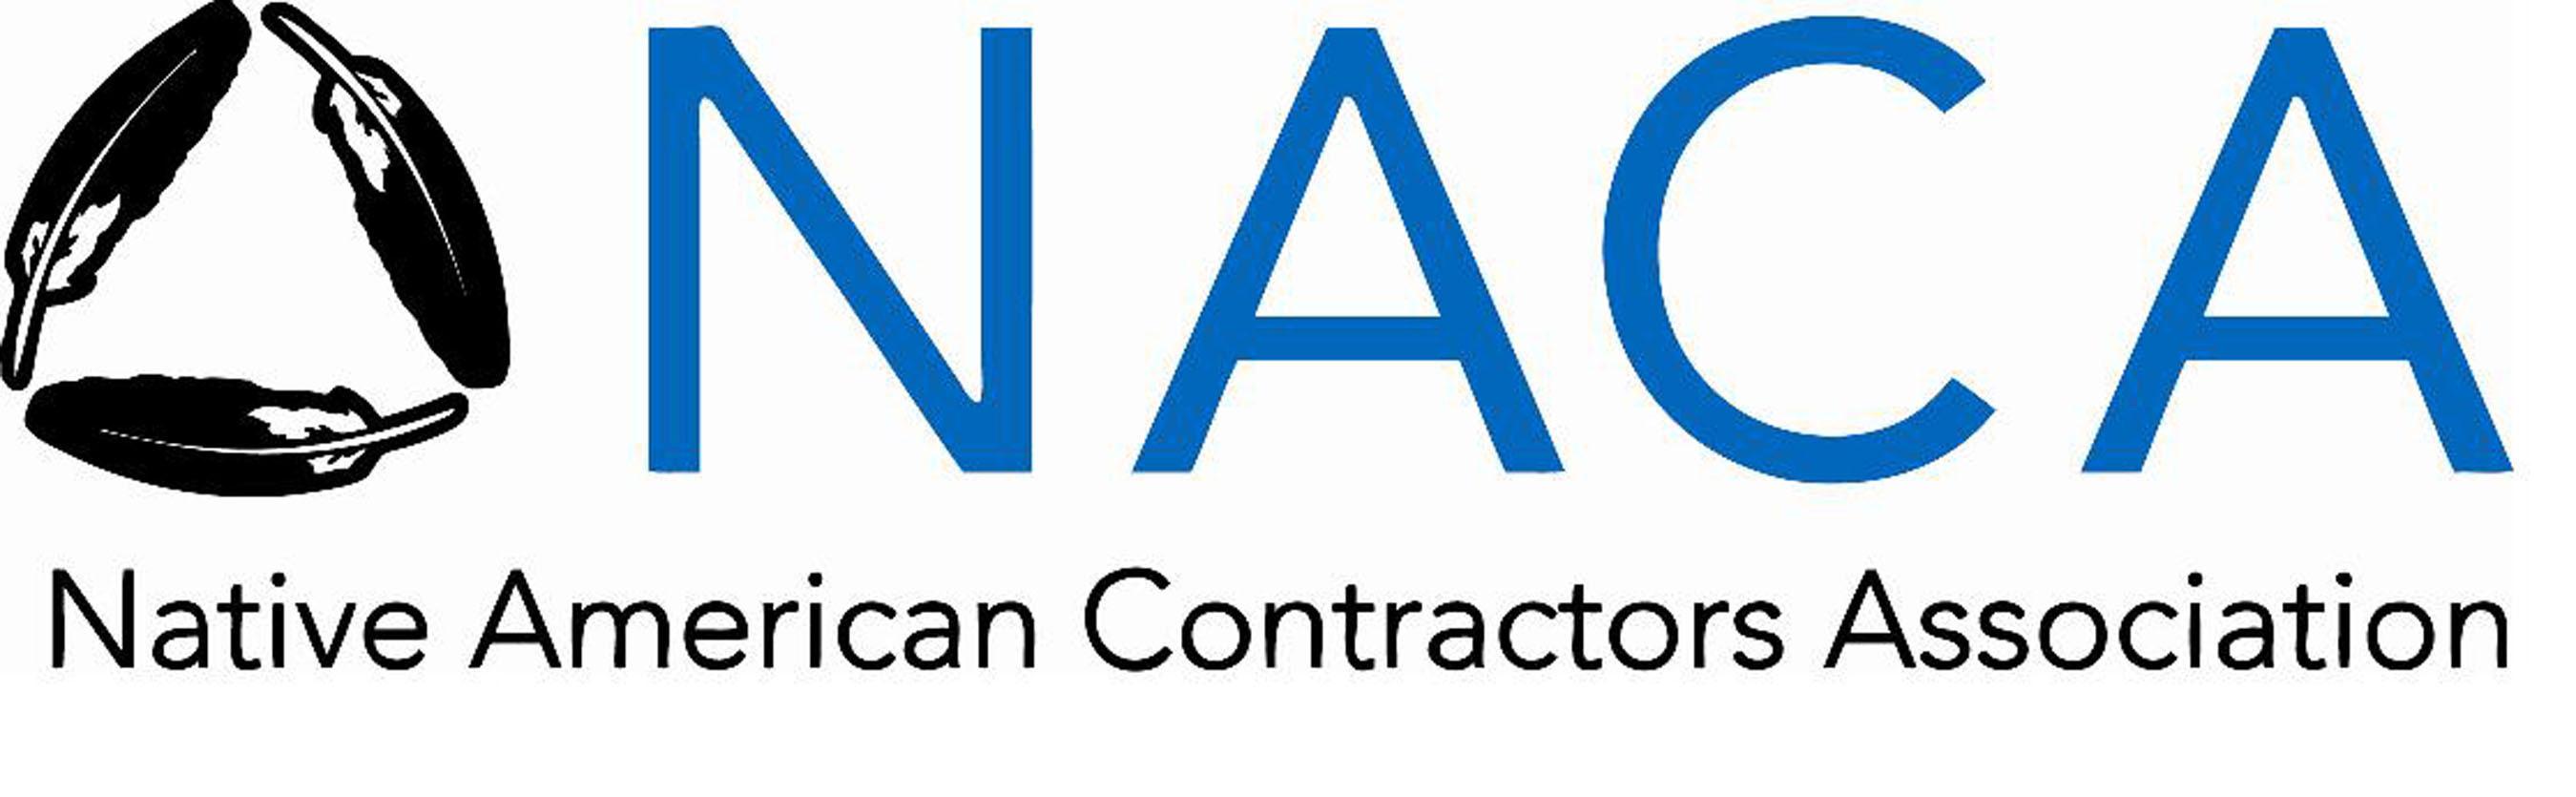 Native American Contractors Association